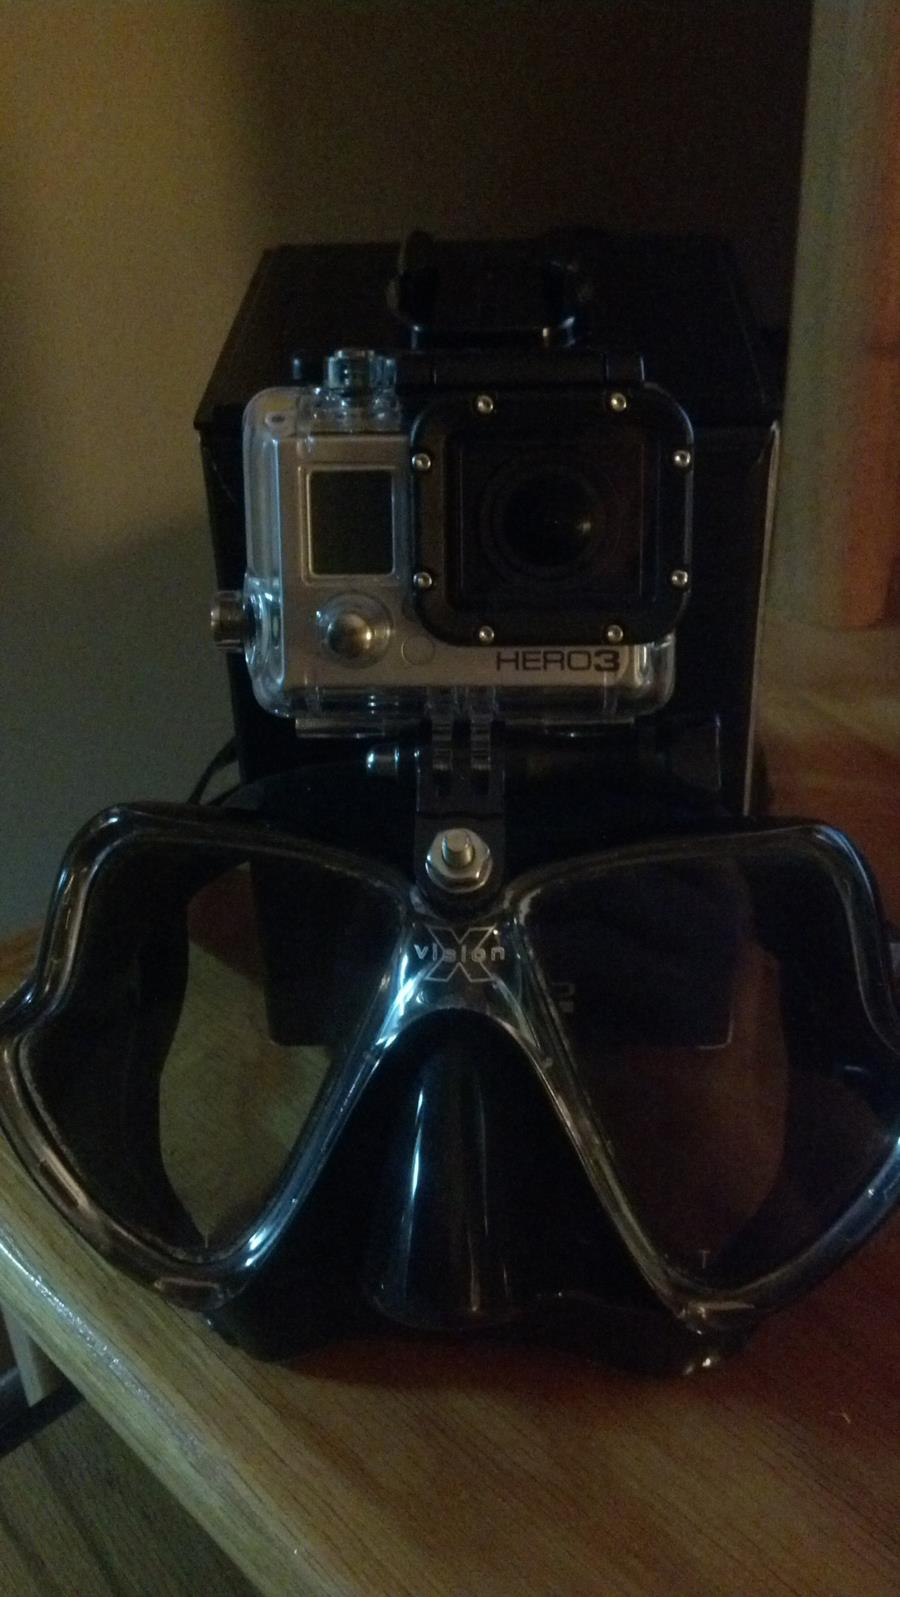 Gopro mount on mask